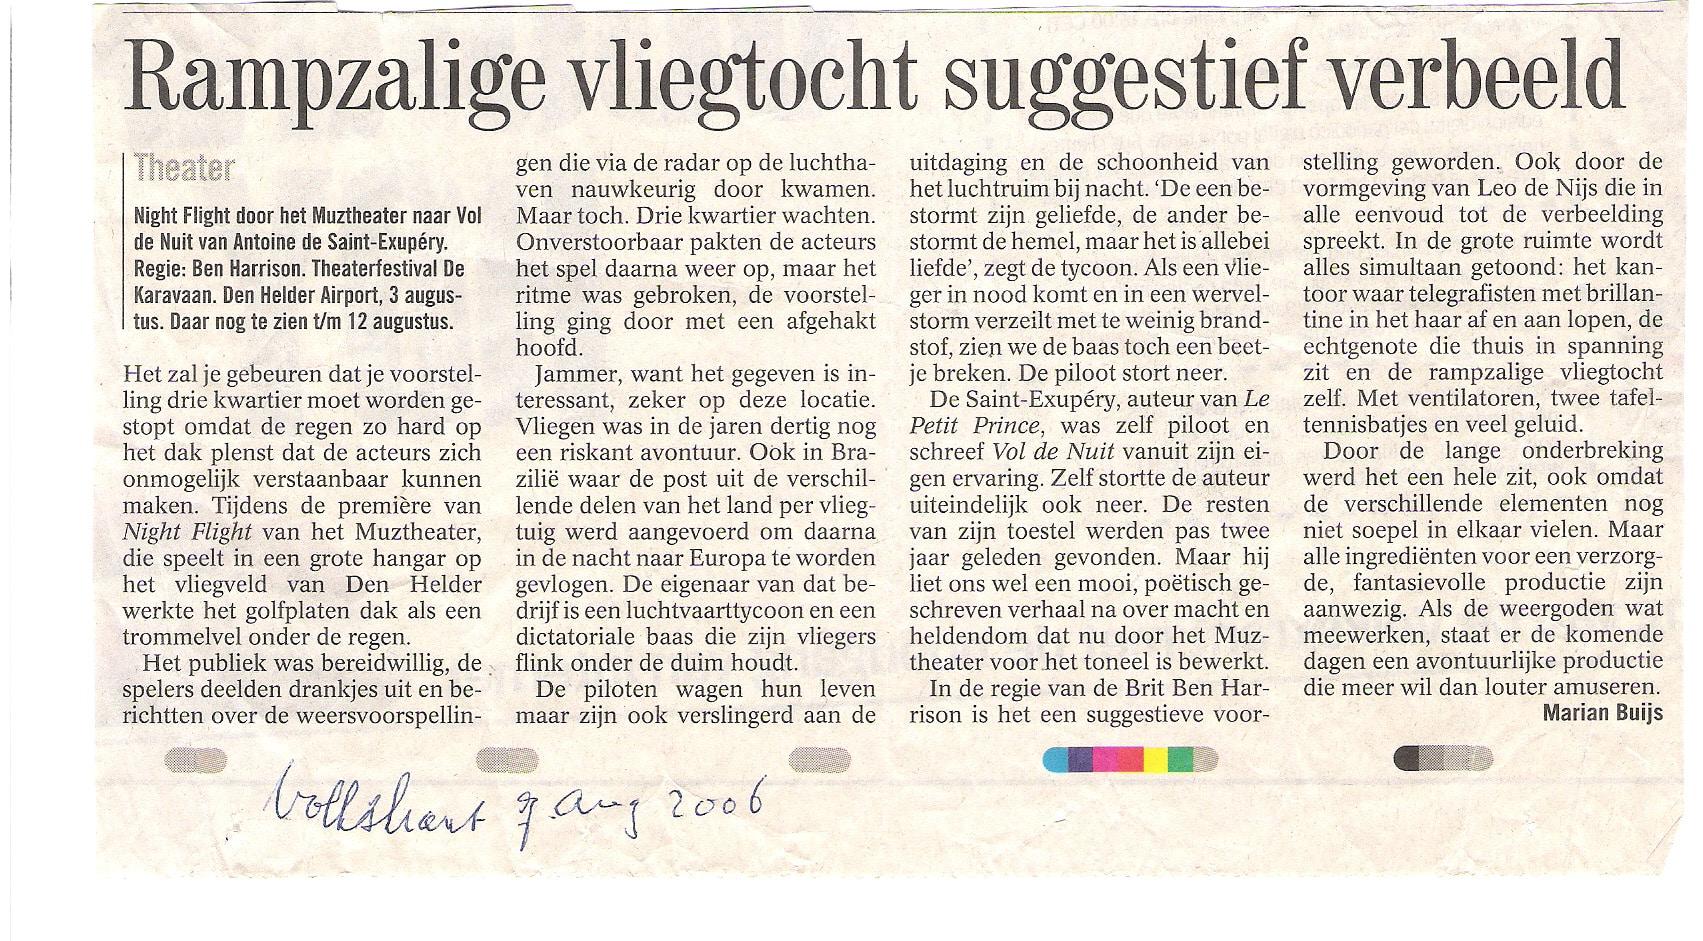 Volkskran 7 augustus 2006